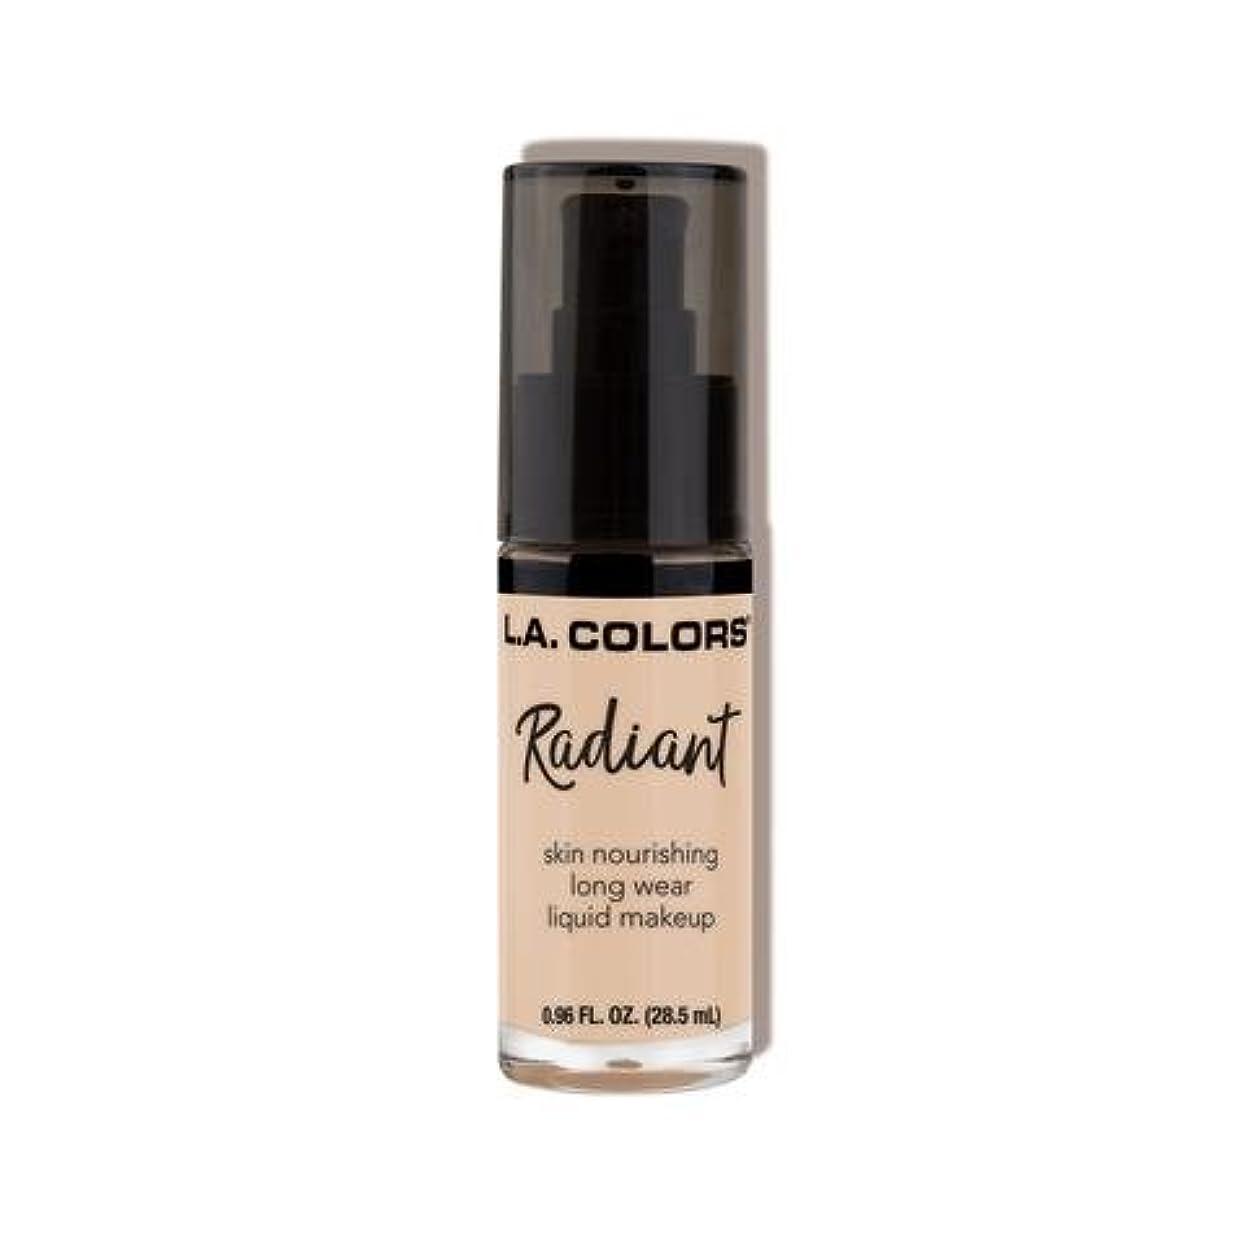 評判いたずらな食べる(6 Pack) L.A. COLORS Radiant Liquid Makeup - Vanilla (並行輸入品)